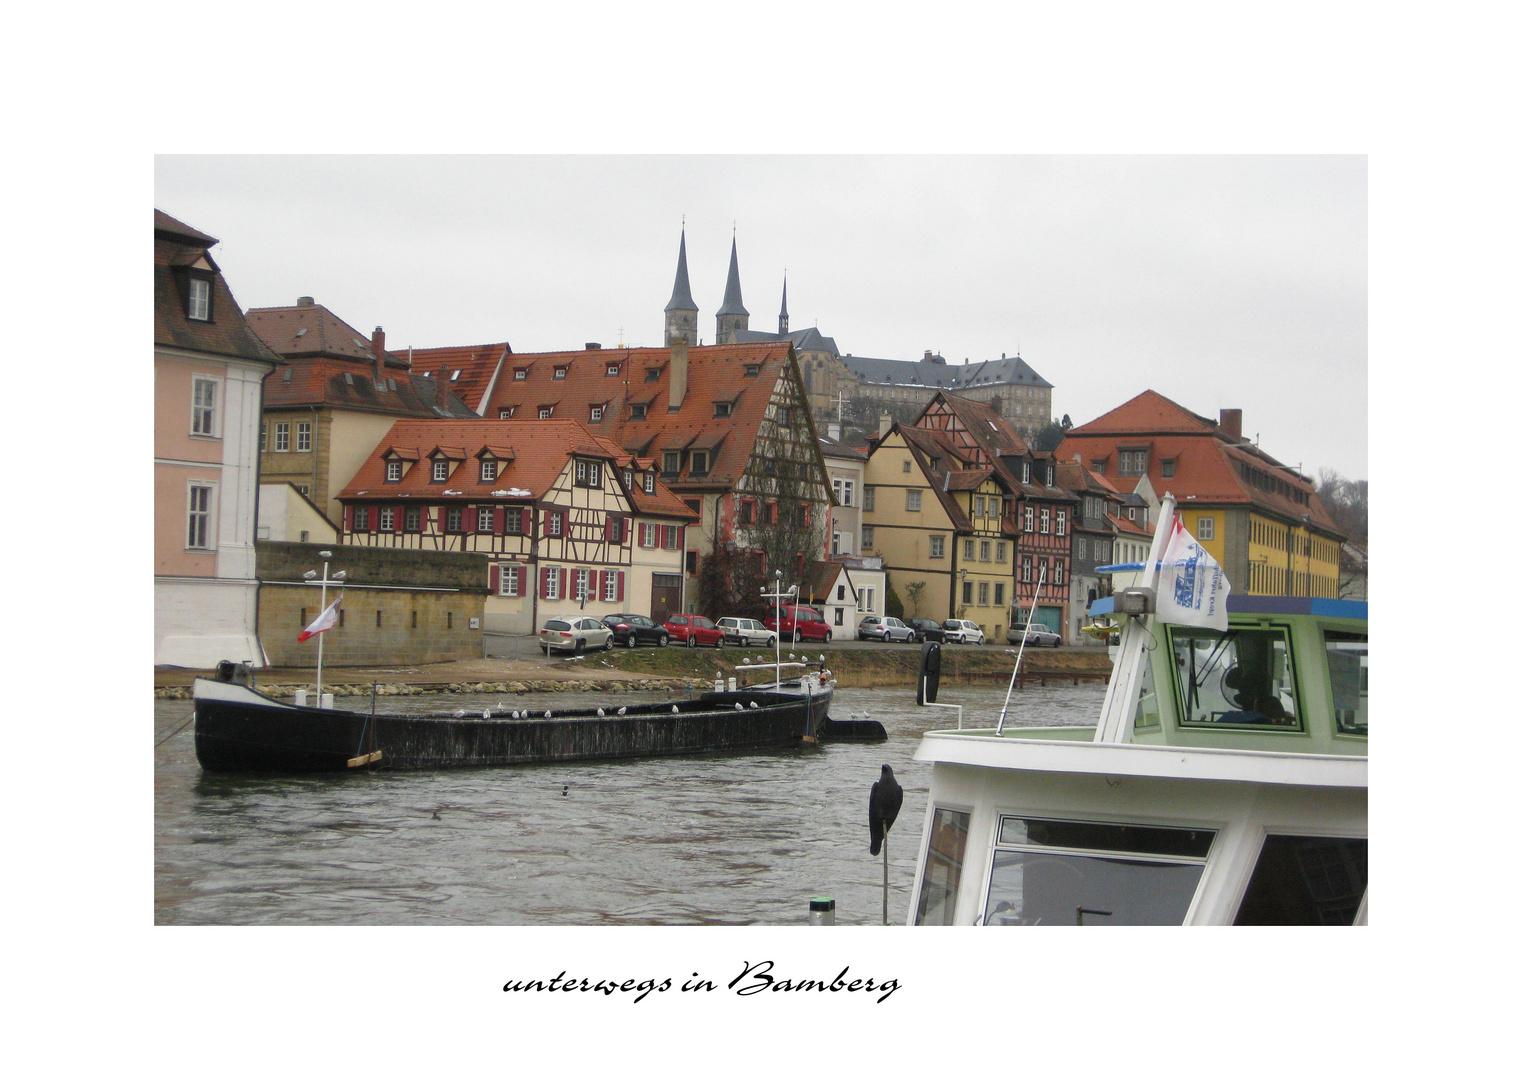 Schönes Bamberg II